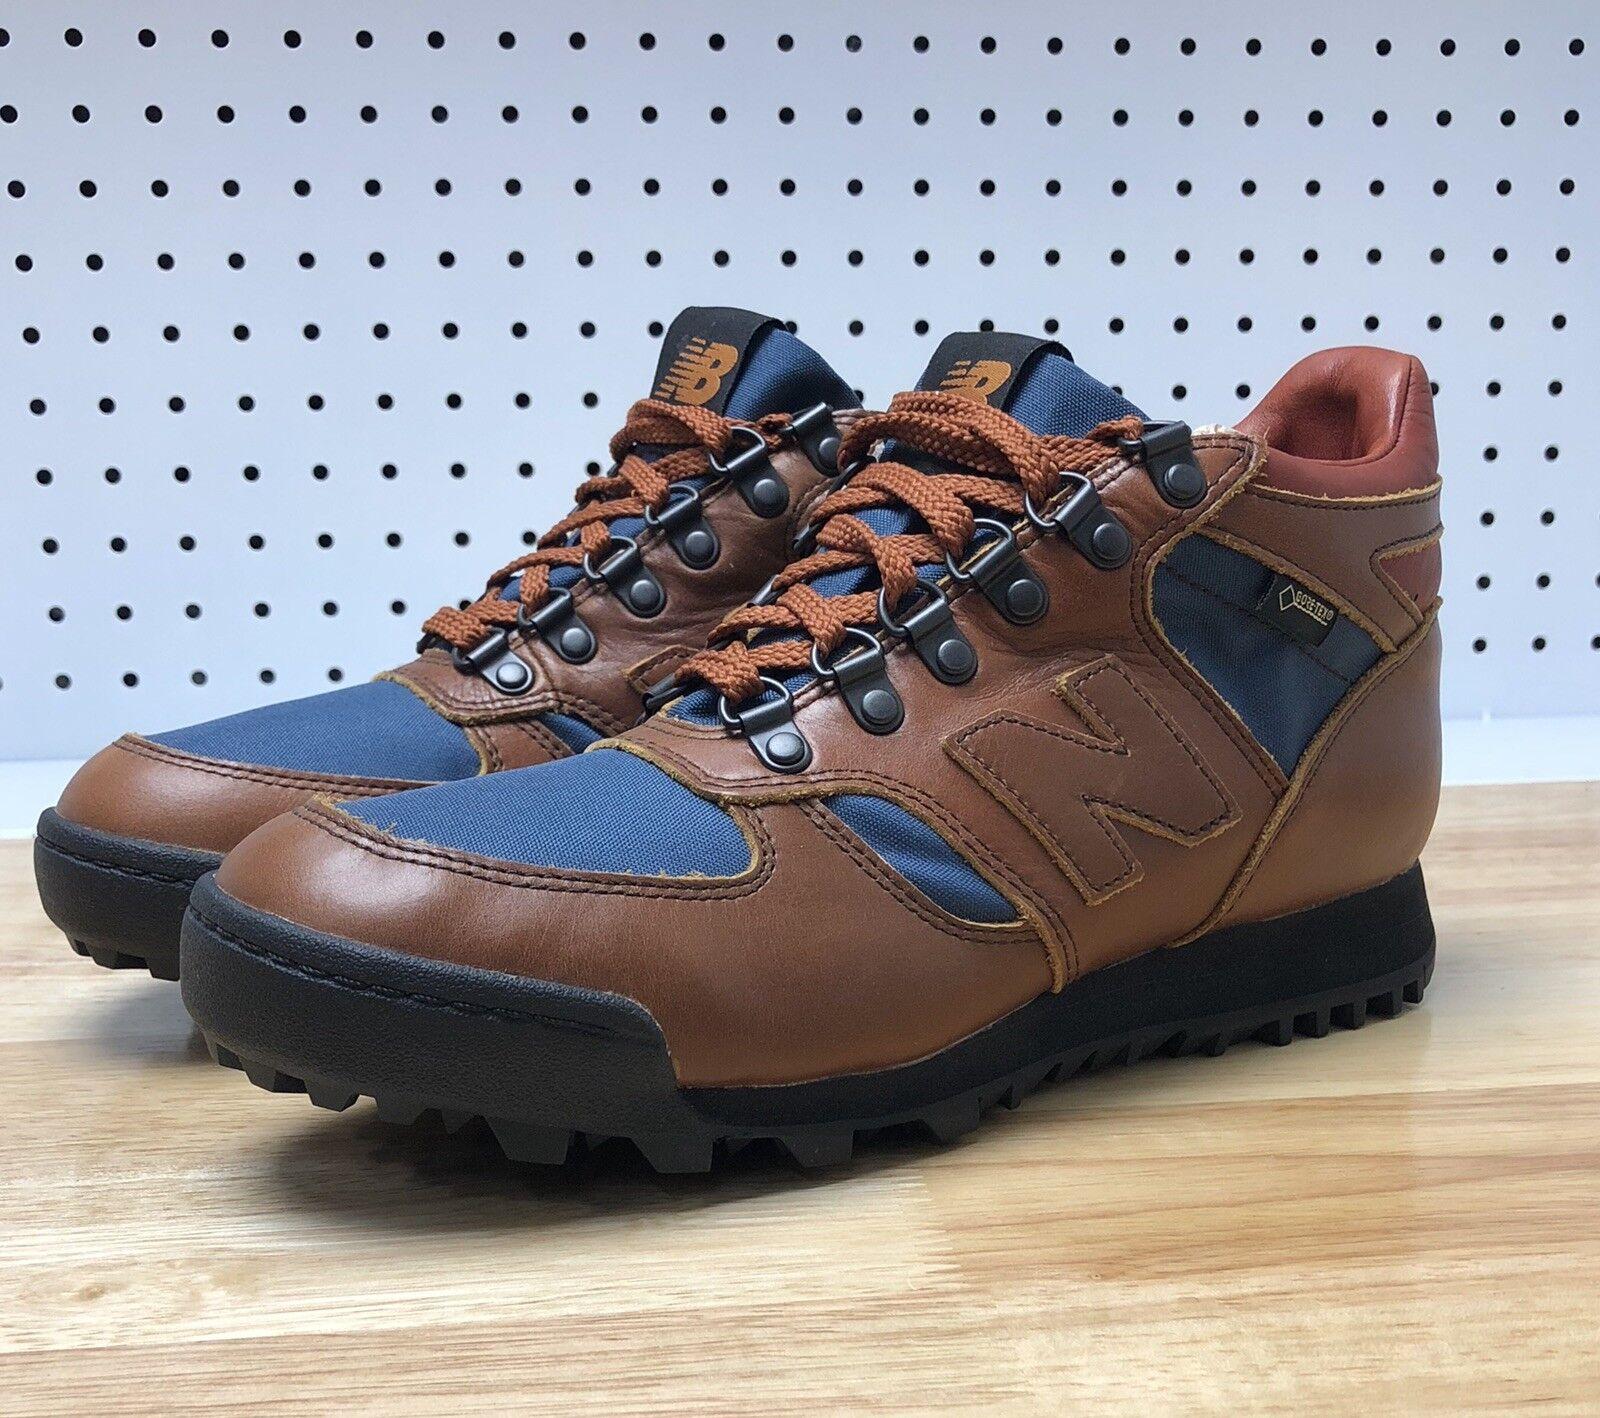 799ec84773f New Balance Rainier Gore Brown bluee Sz 7 Hiking Trail HLRAINOG Camping Tex  ntjfxz5296-Athletic Shoes